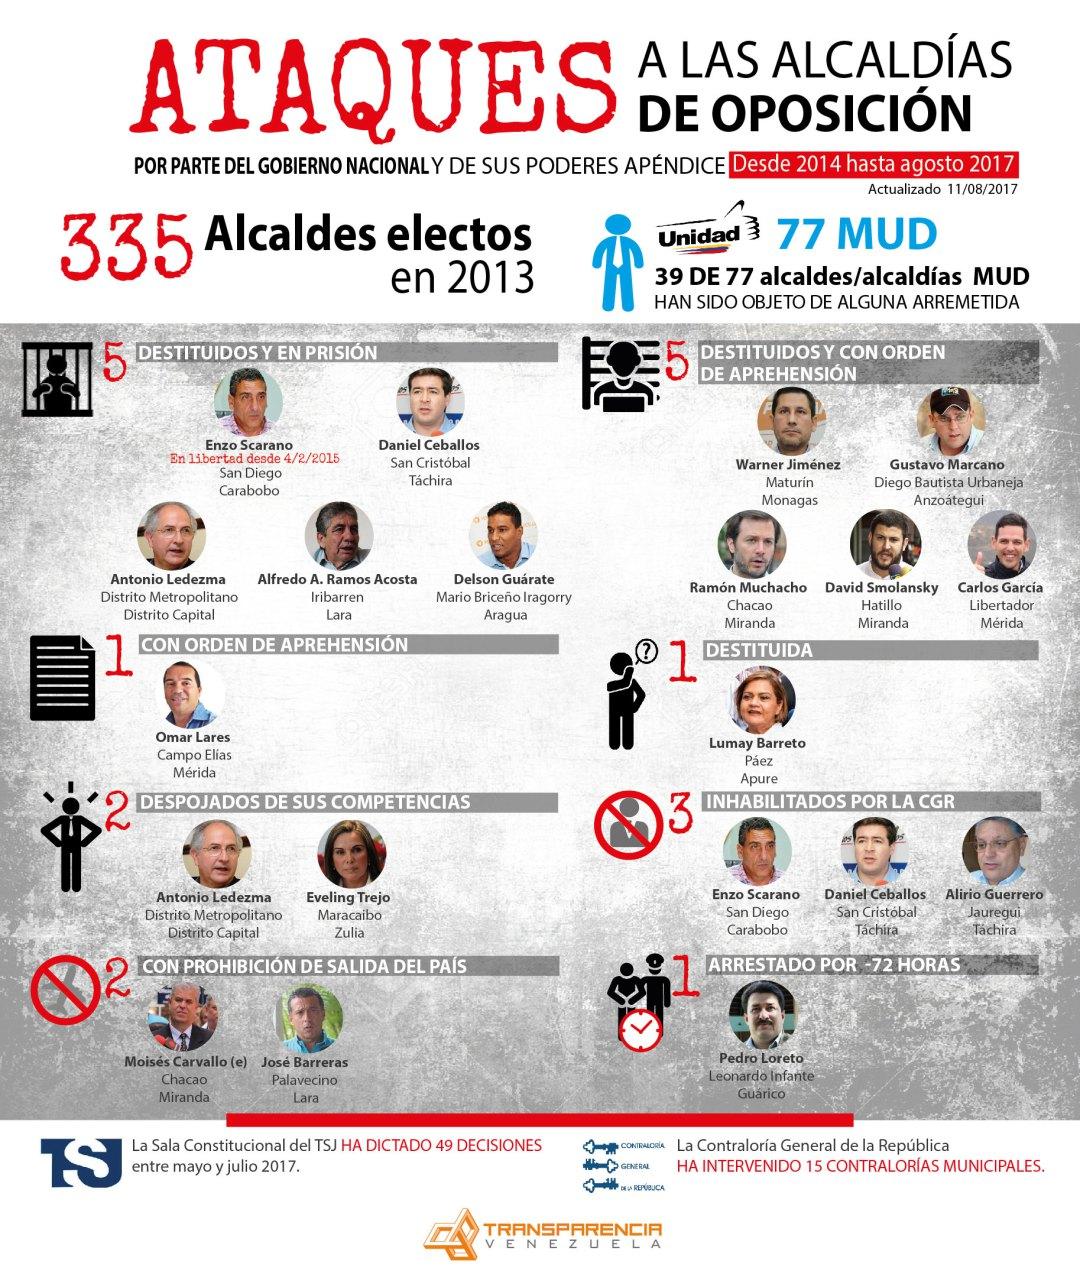 Ataques-Alcaldias-oposición-11.8.2017